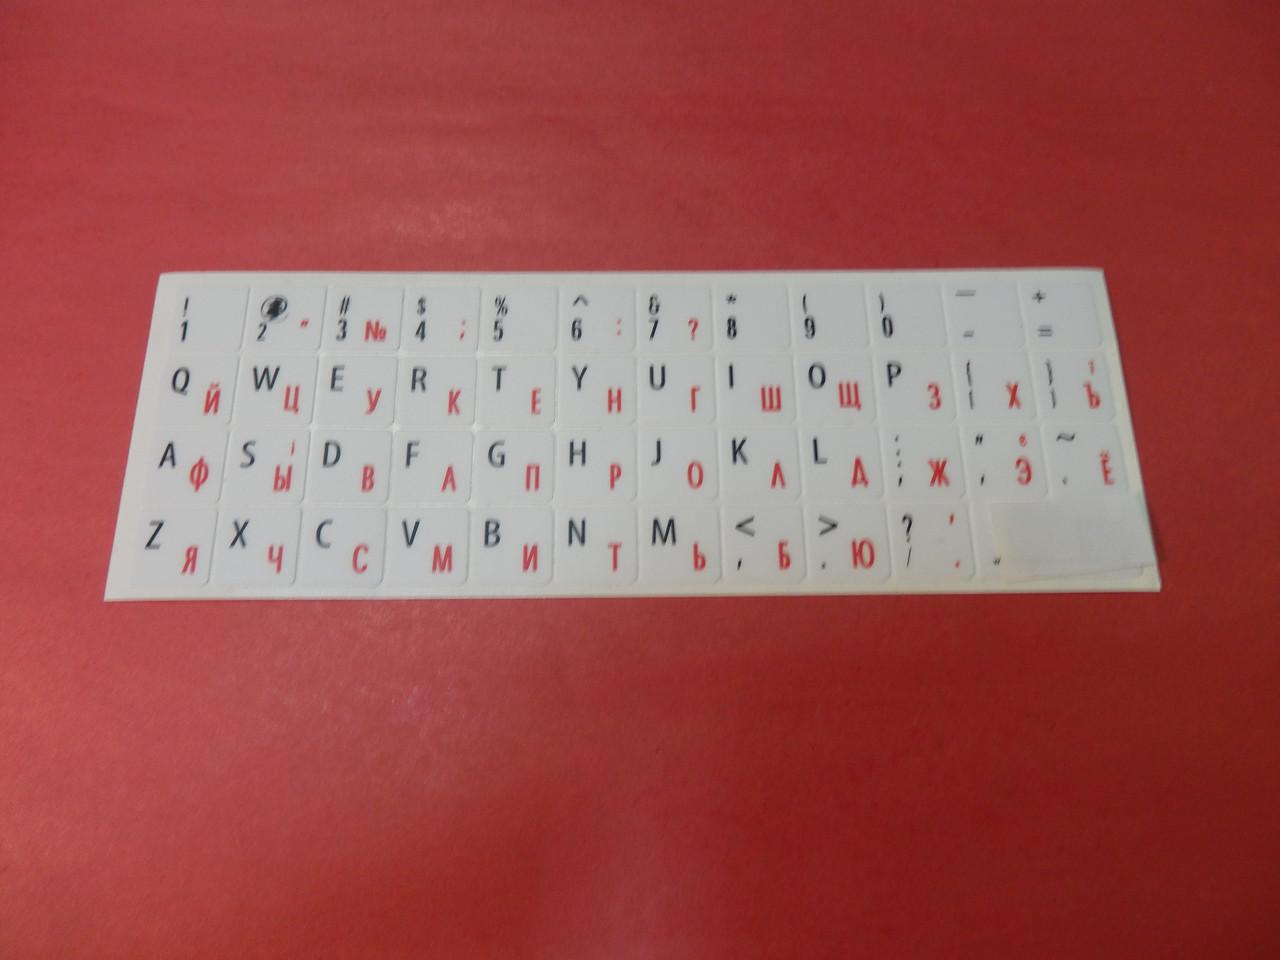 Наклейка на клавиатуру белая основа, красные русские символы